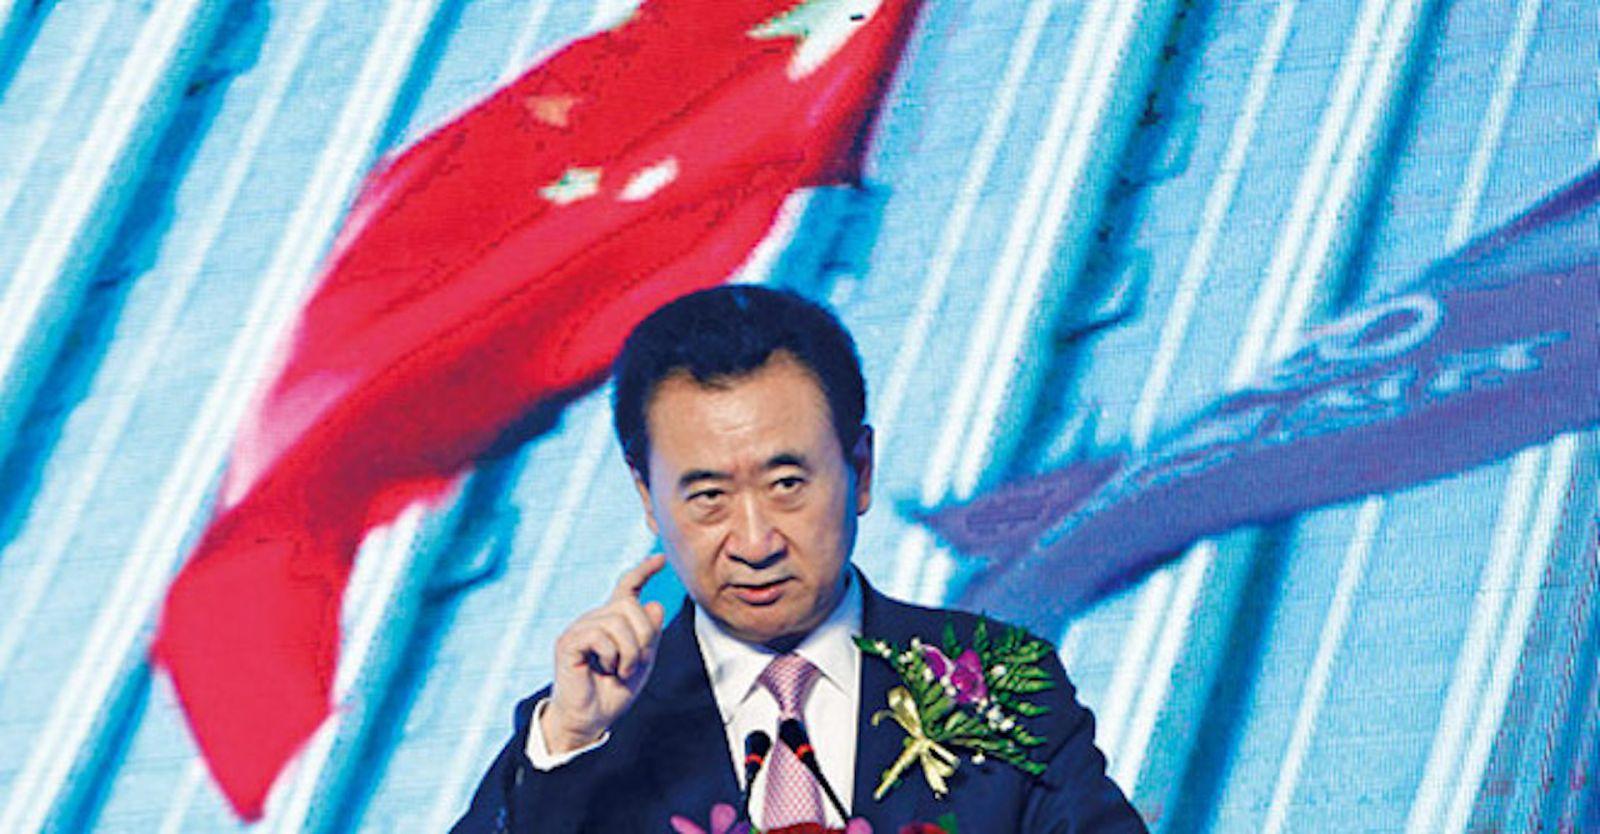 亞洲富豪資產大縮水 前中國首富王健林身家蒸發近3千億